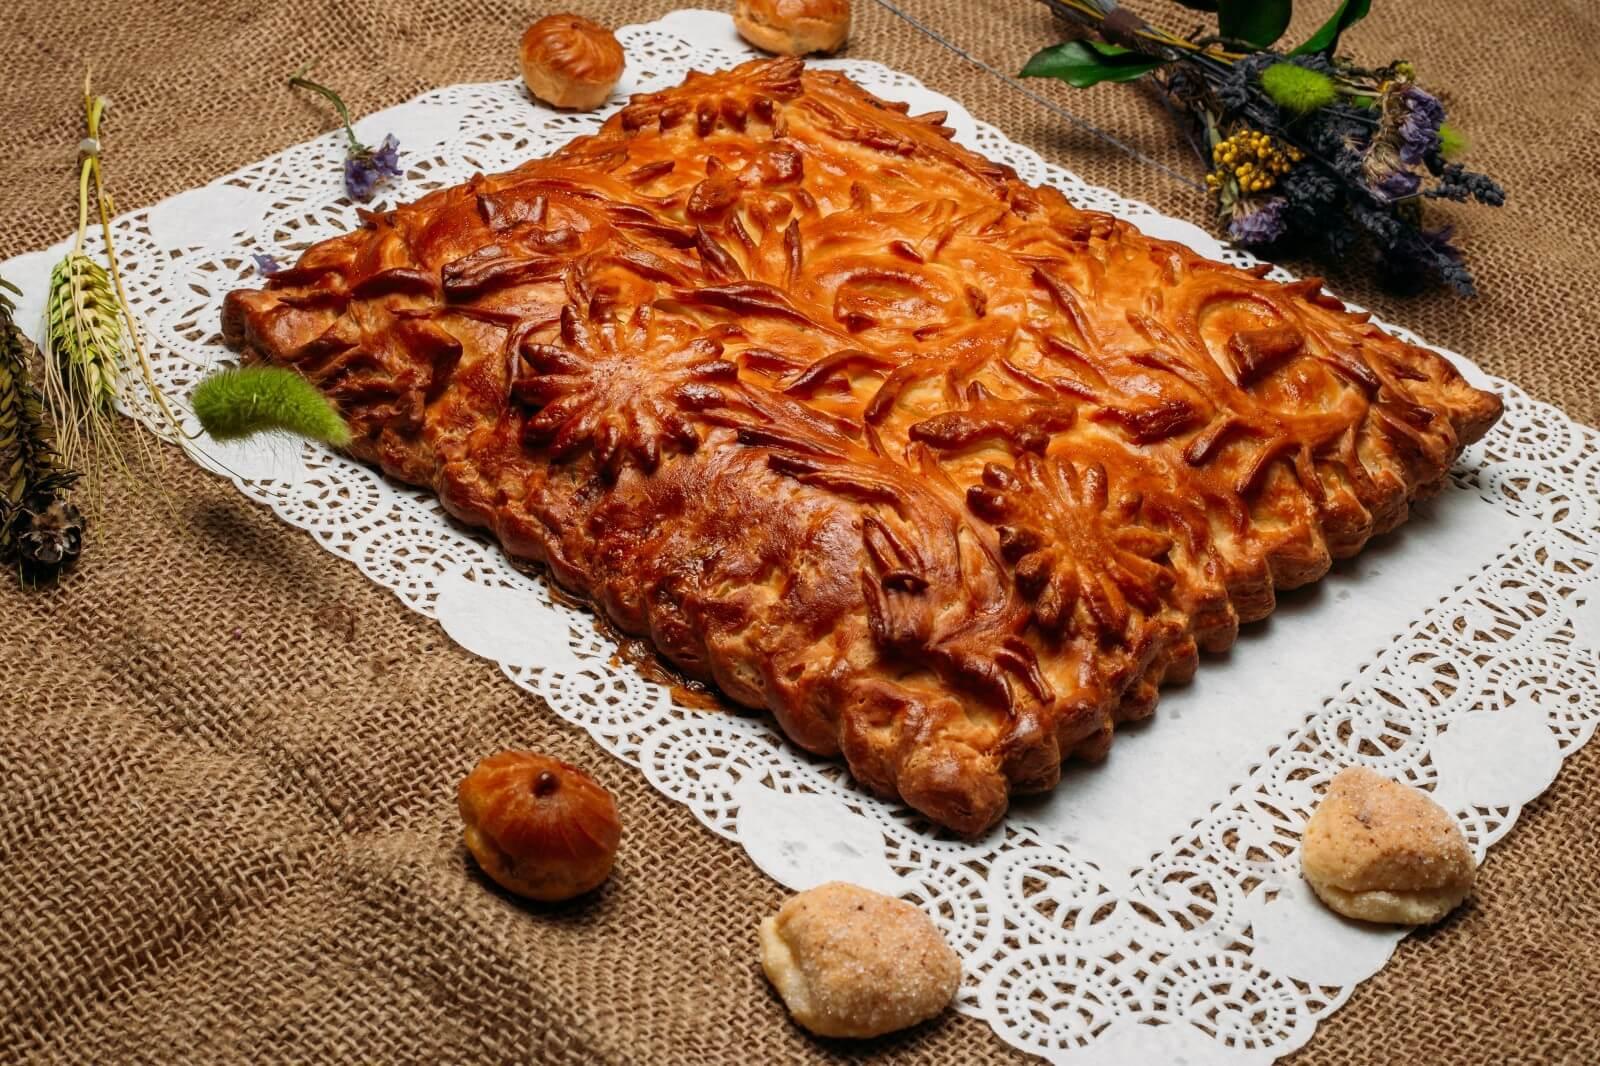 Как красиво украшать пироги из дрожжевого теста: способы оформления и украшения пошагово с фото